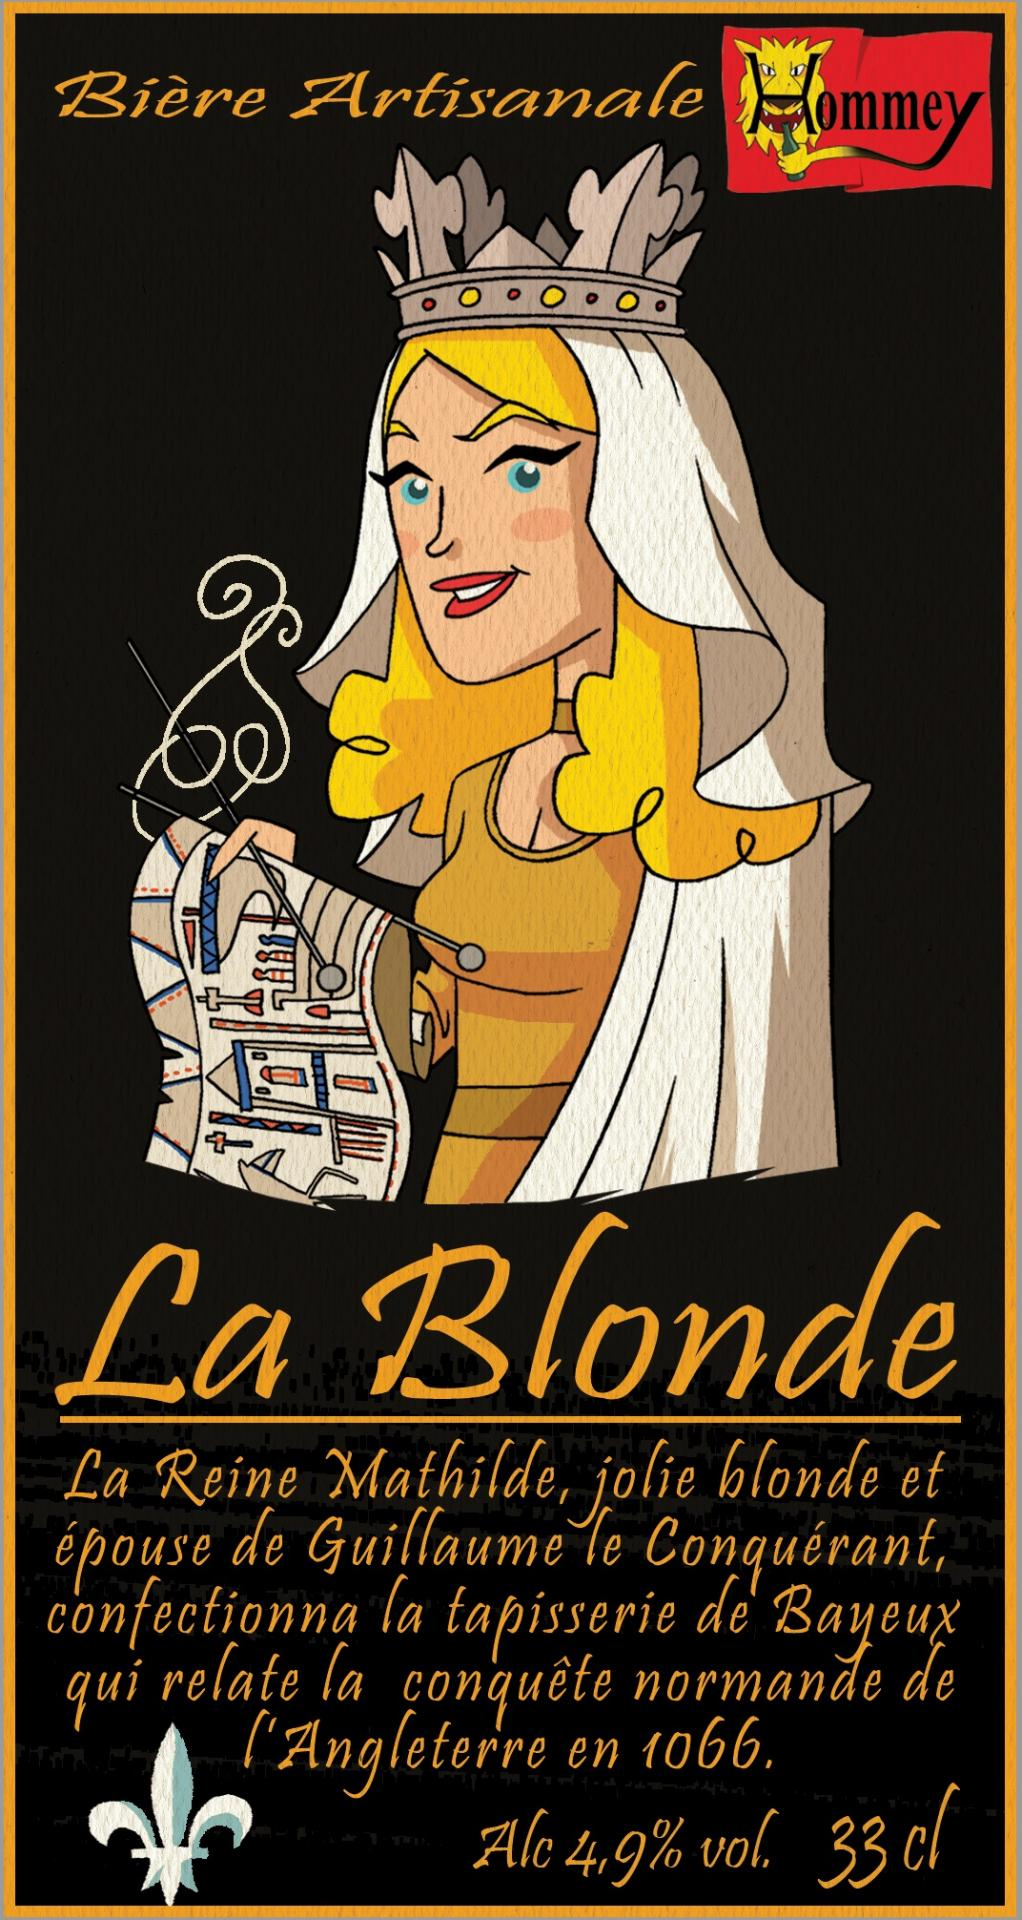 Etiqu4 blonde site